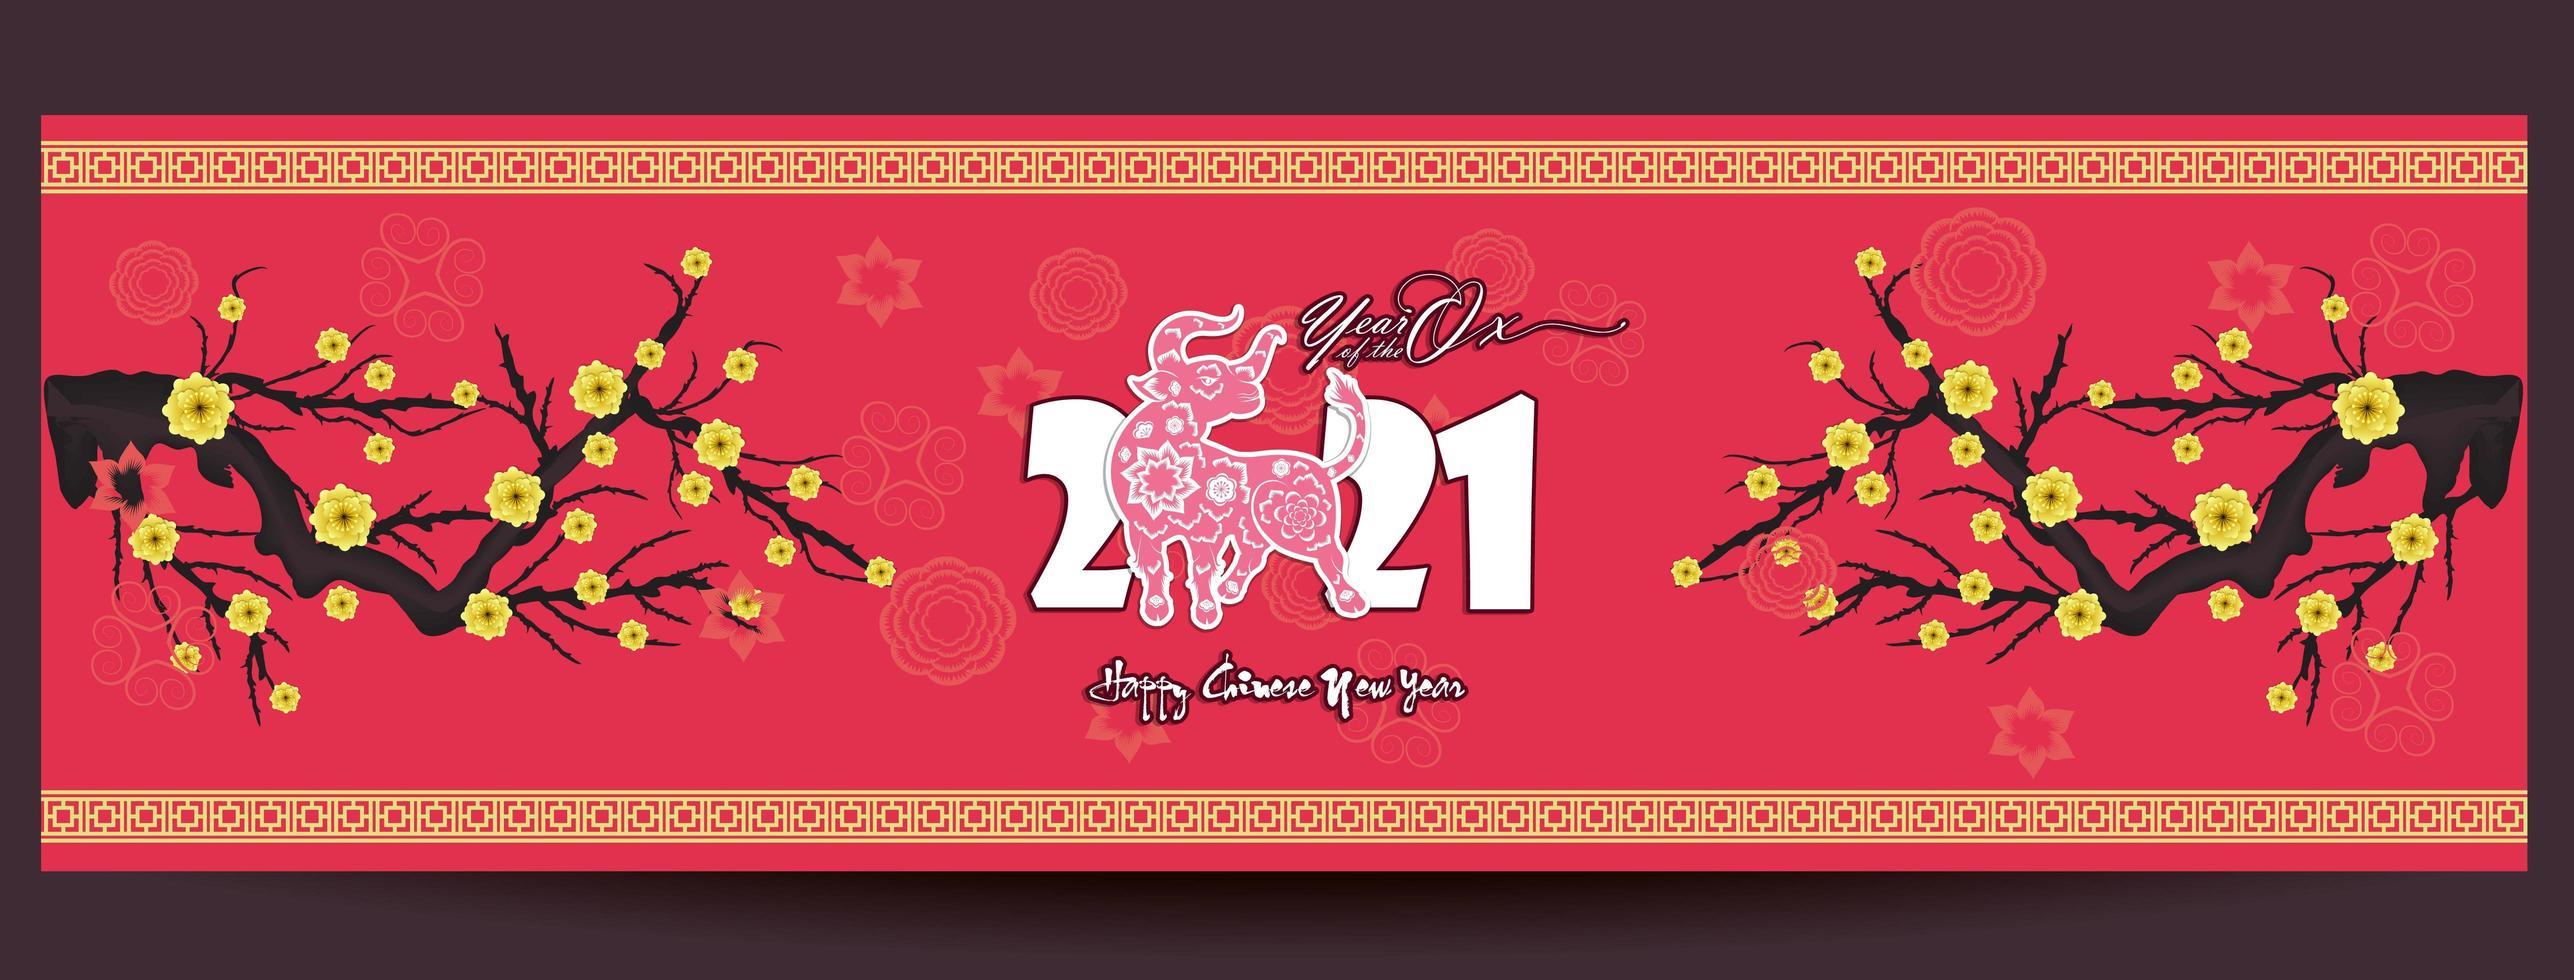 banner para el año nuevo chino 2021 vector